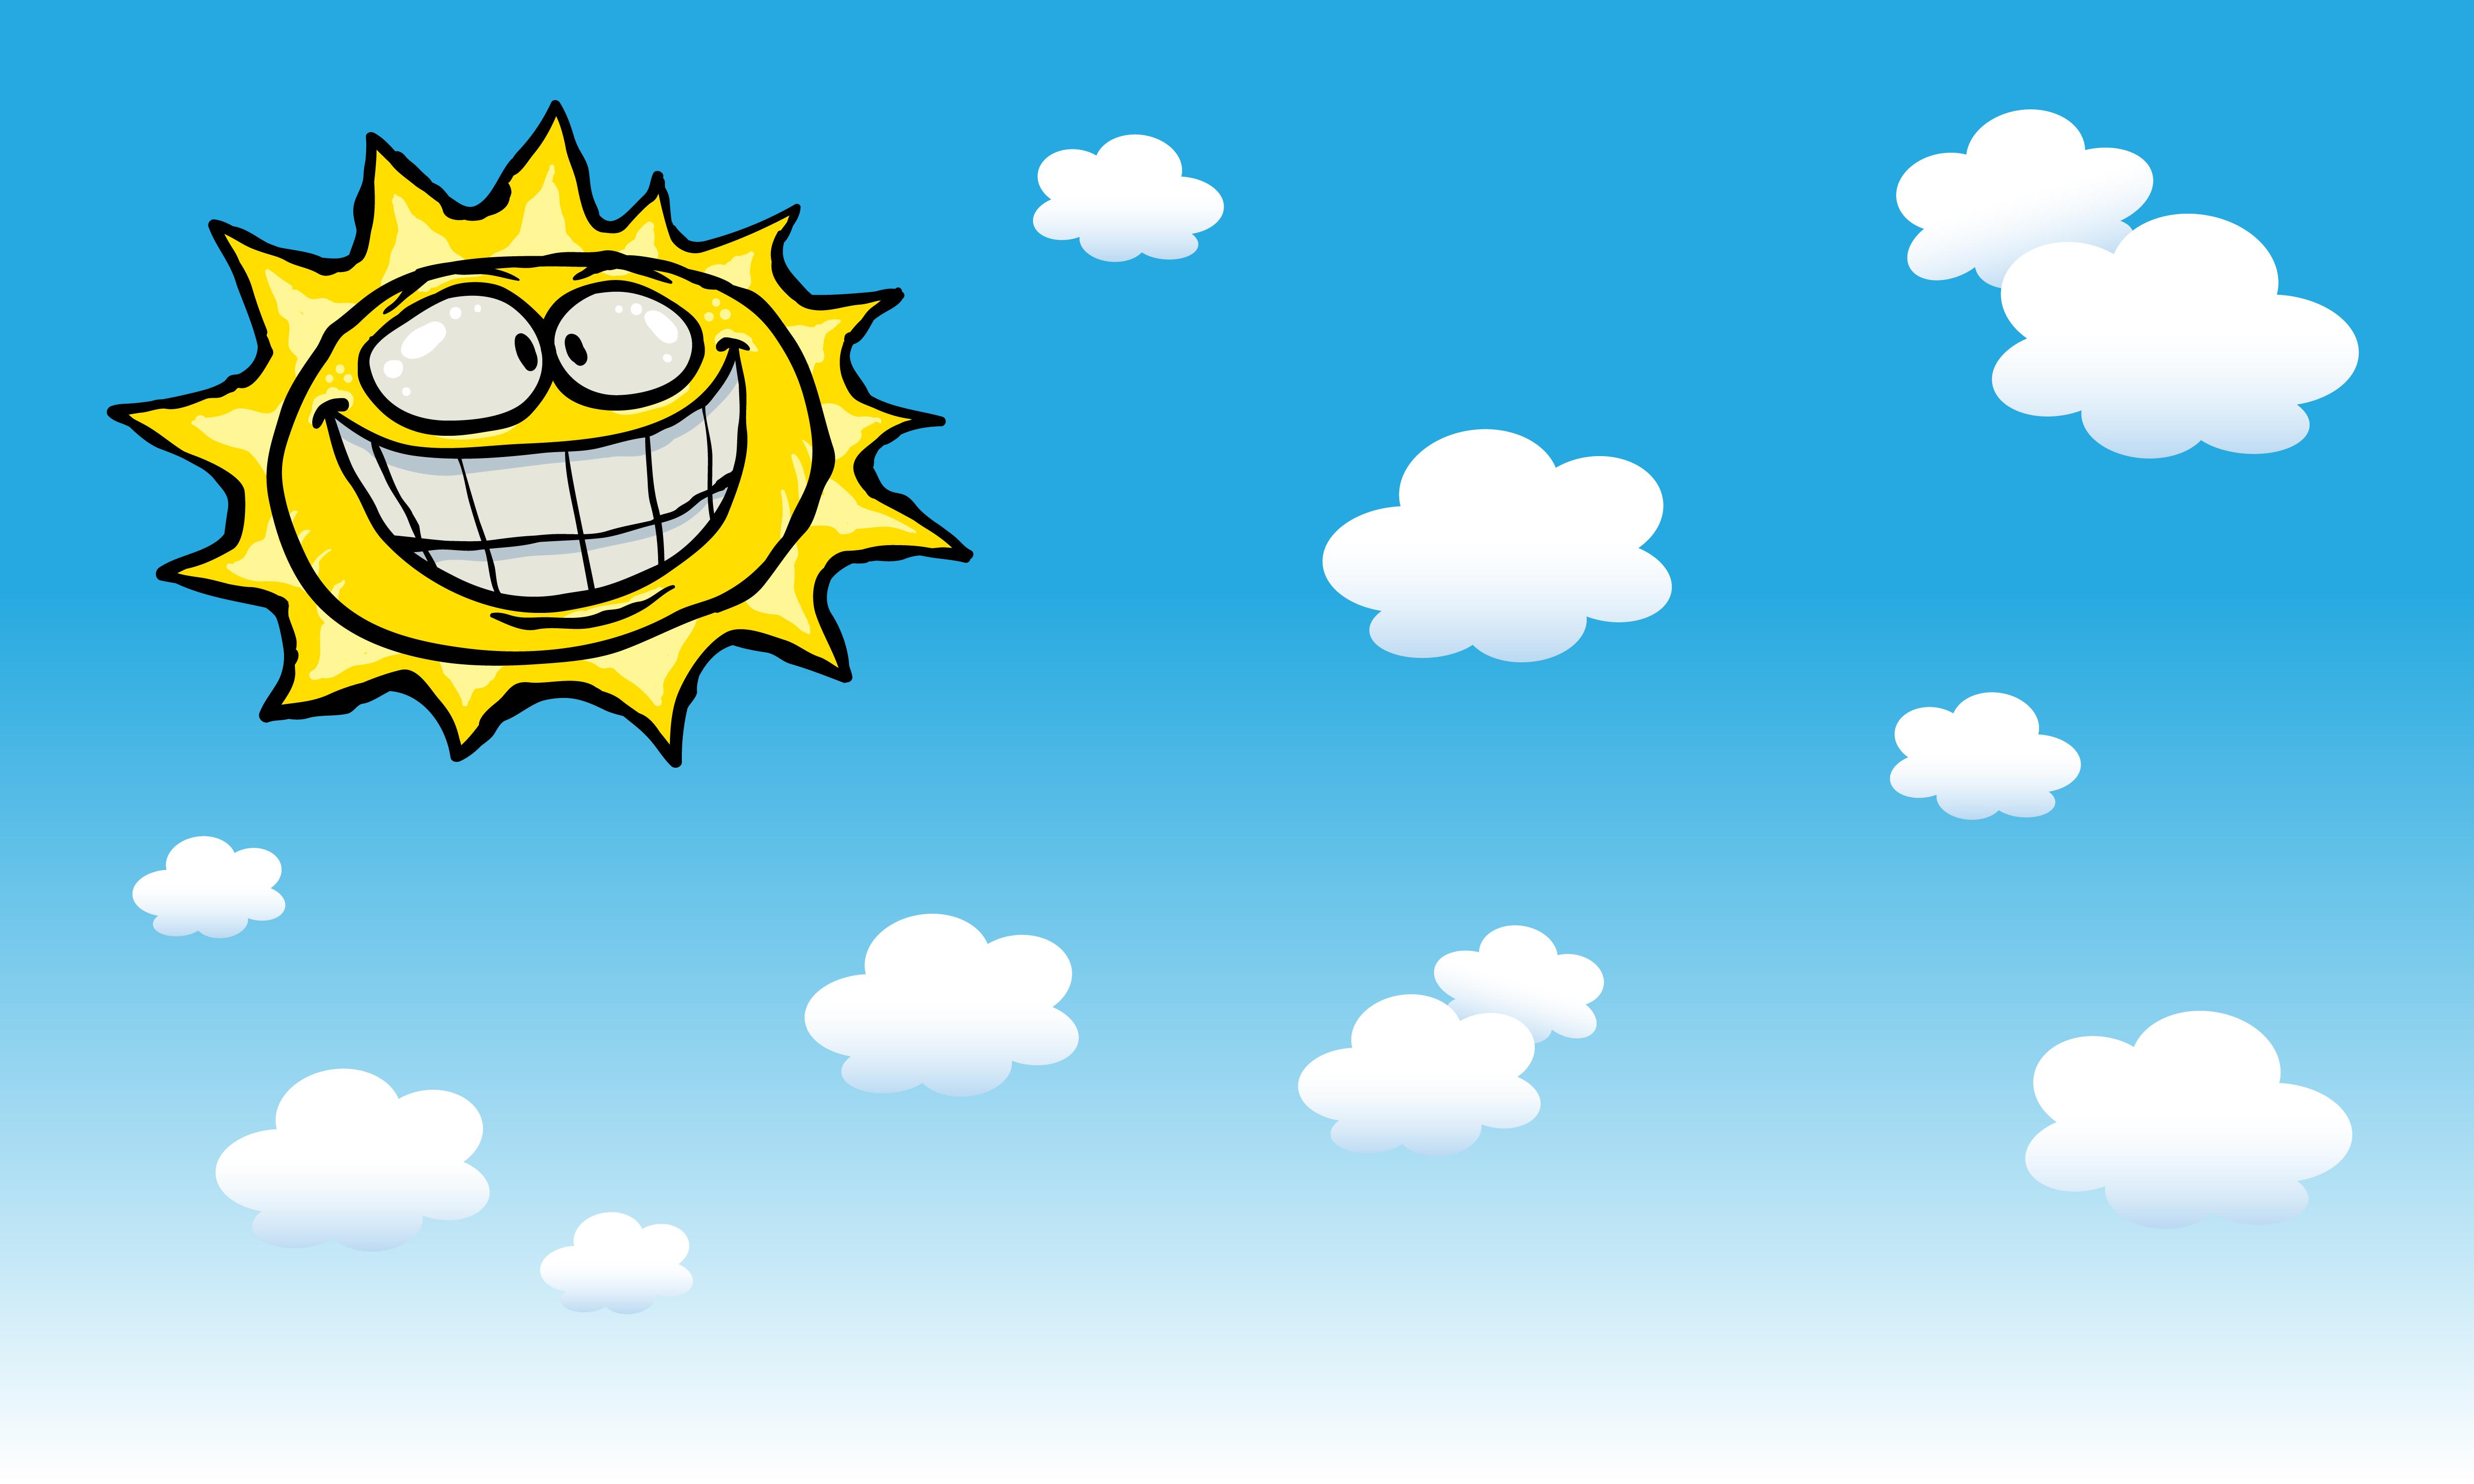 太陽卡通 免費下載 | 天天瘋後製